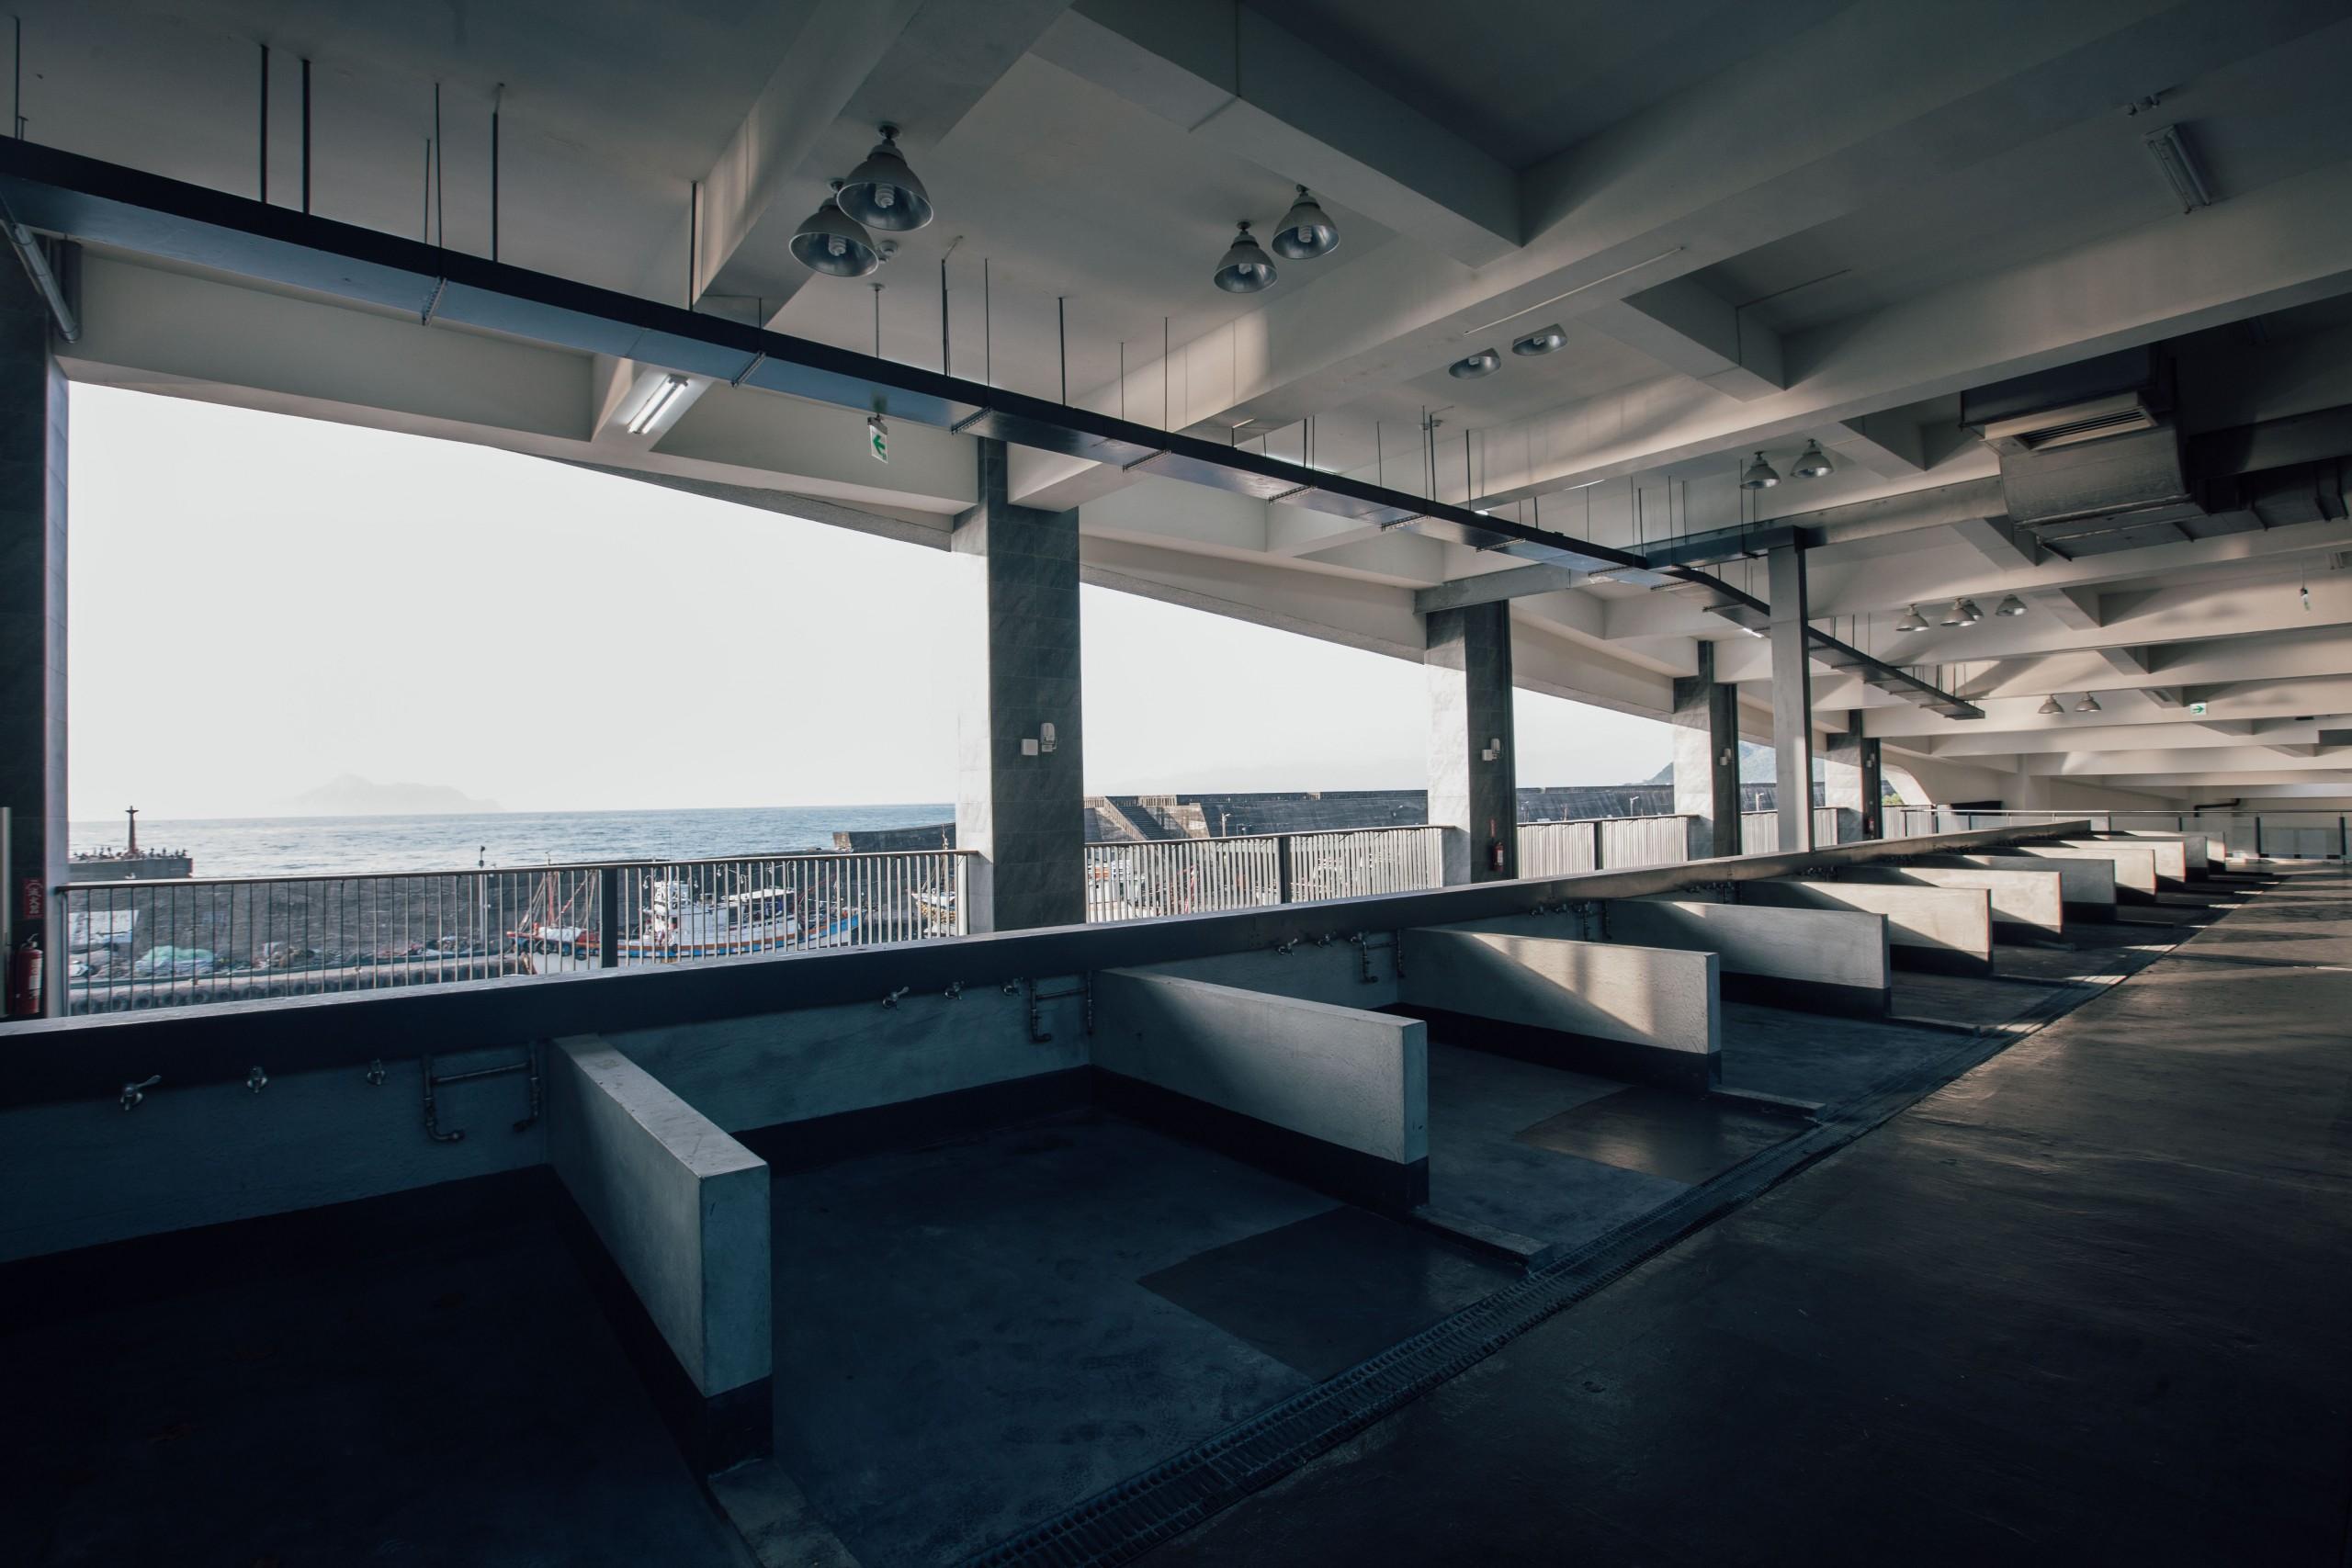 德築-DEZU-project-大溪漁港-architecture-building-7